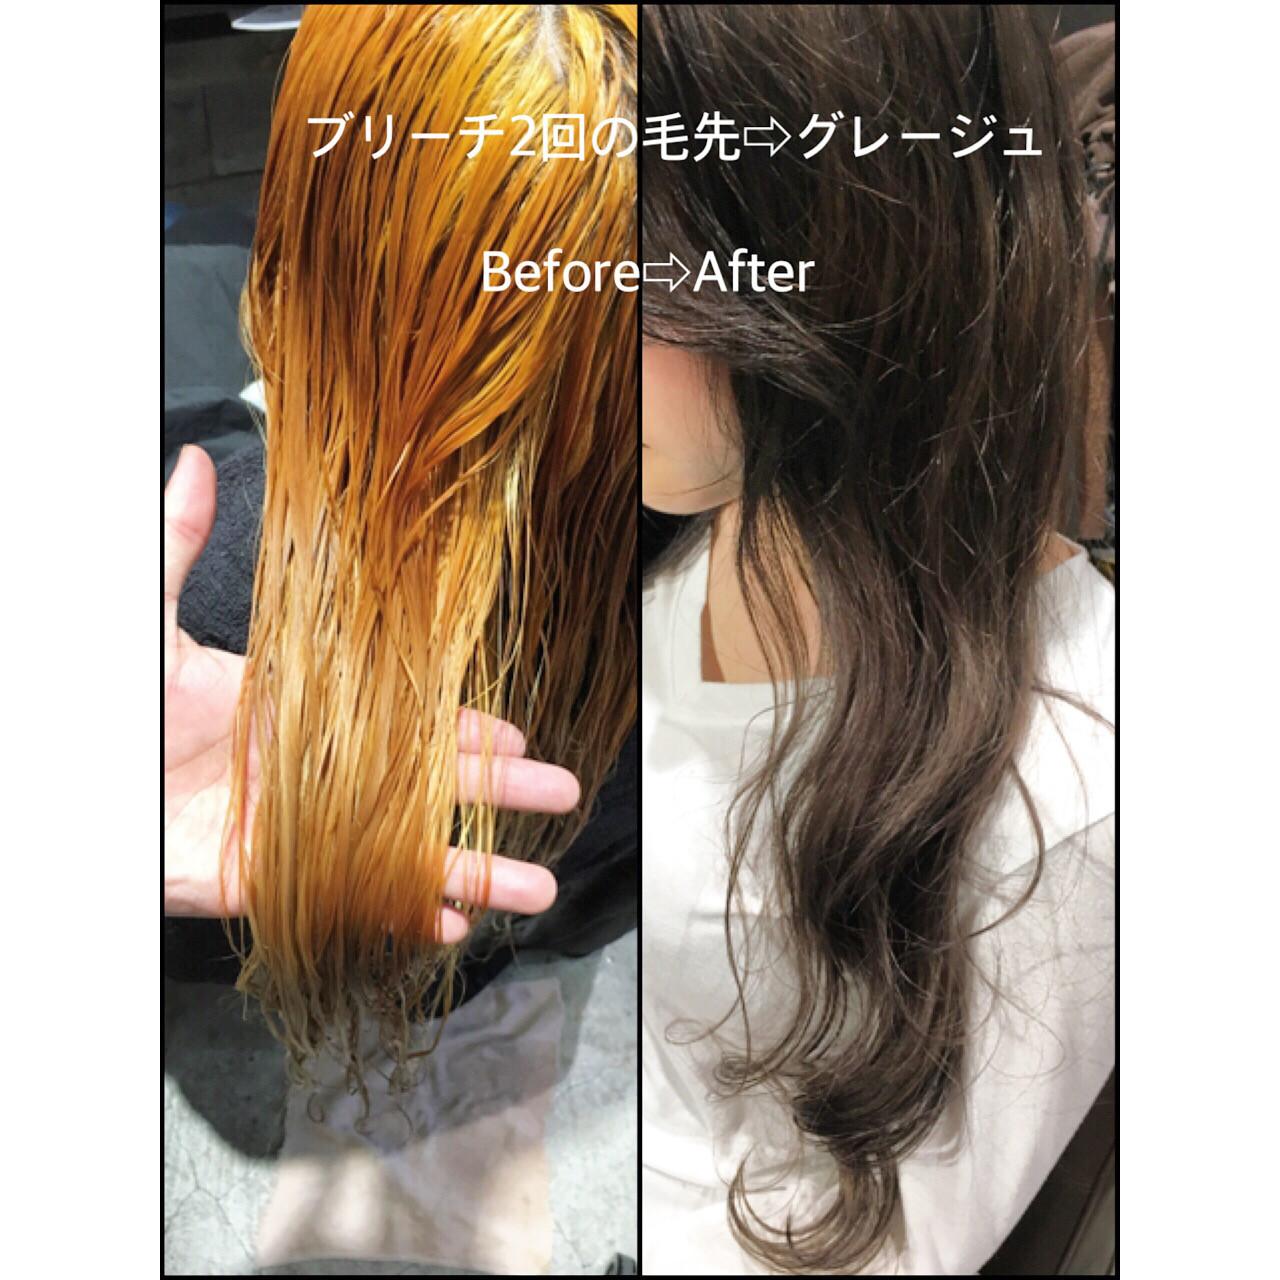 アッシュ ハイライト 暗髪 ロング ヘアスタイルや髪型の写真・画像